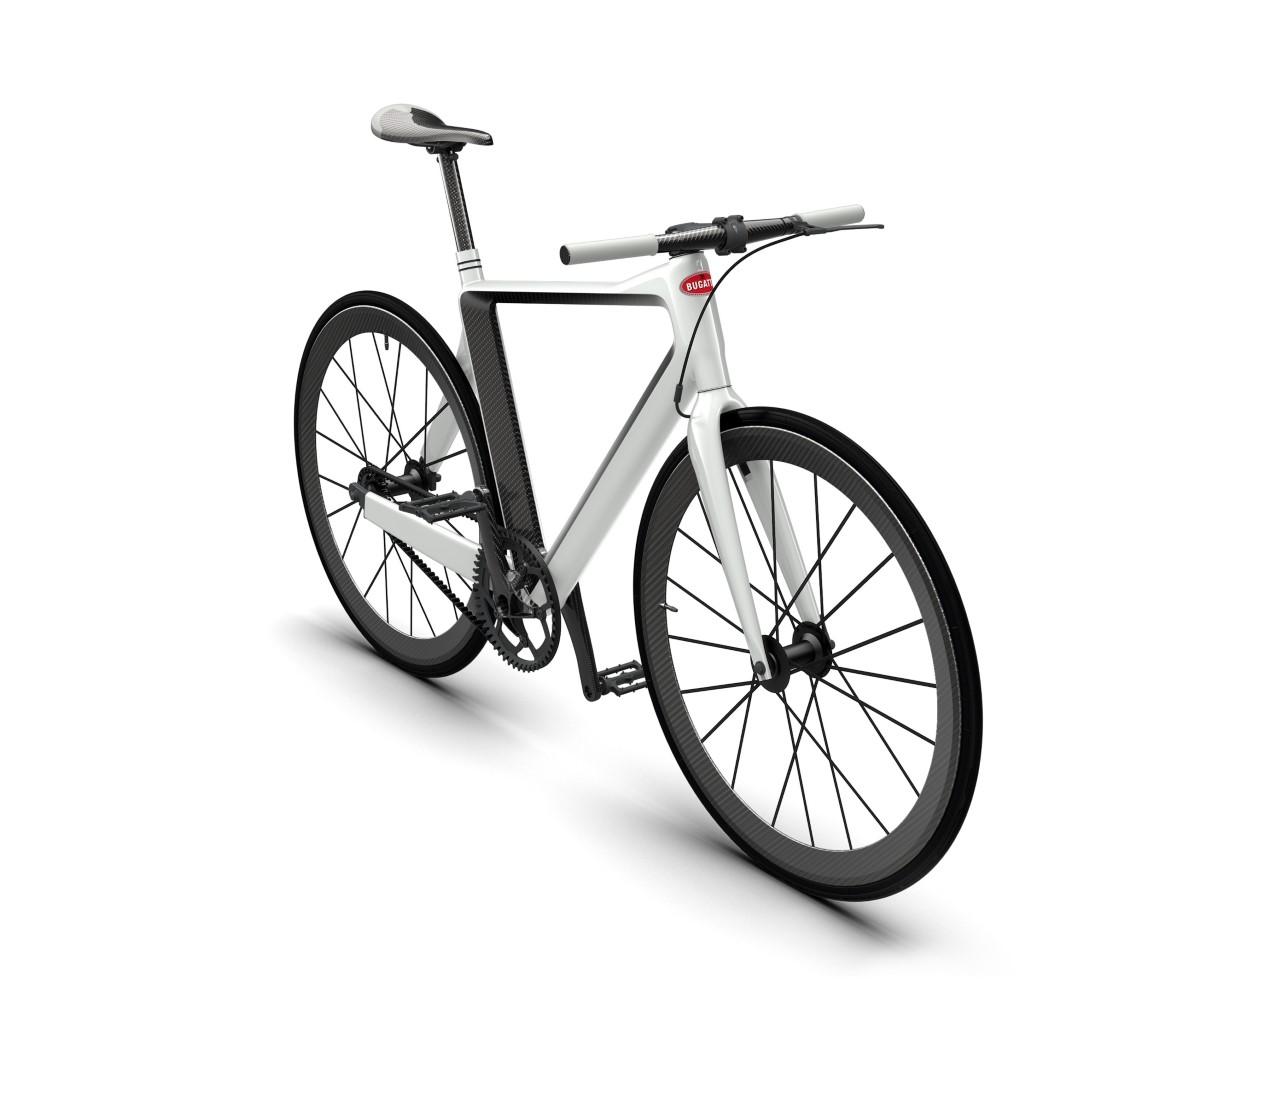 pg bugatti bisiklet teknolsun Prescription Oakley Turbine bisiklet ten sadece 667 tane retilmesi planlanm durumda ve 39 000 ba lang fiyat ile sat a sunulacak yani bisiklet de olsa bir bugatti almak o